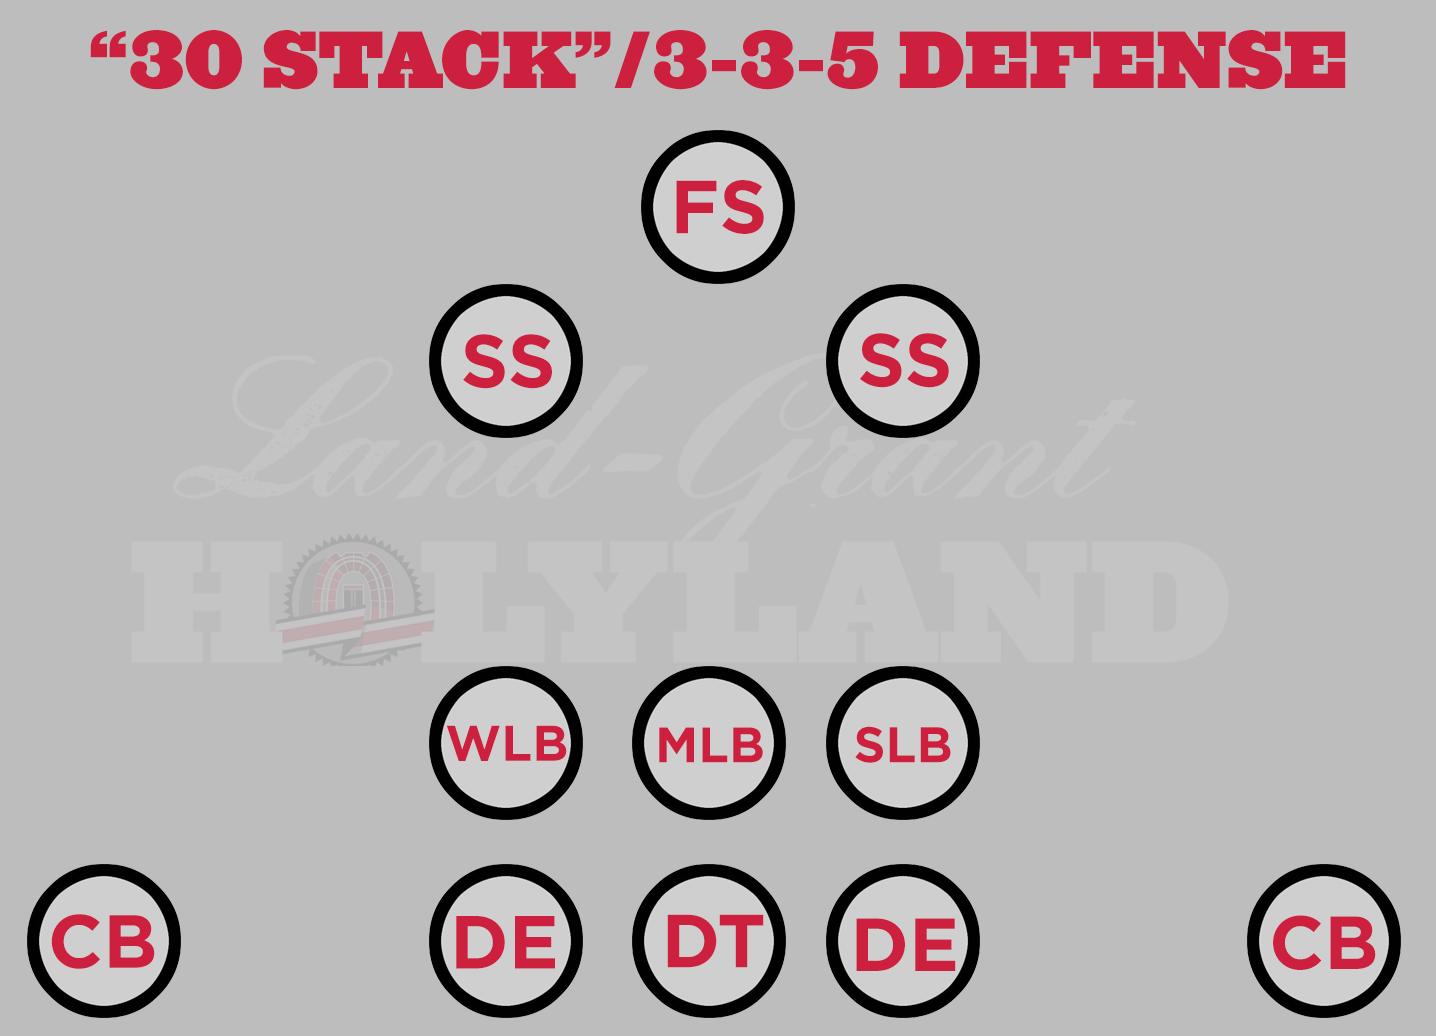 30-stack-3-3-5_medium